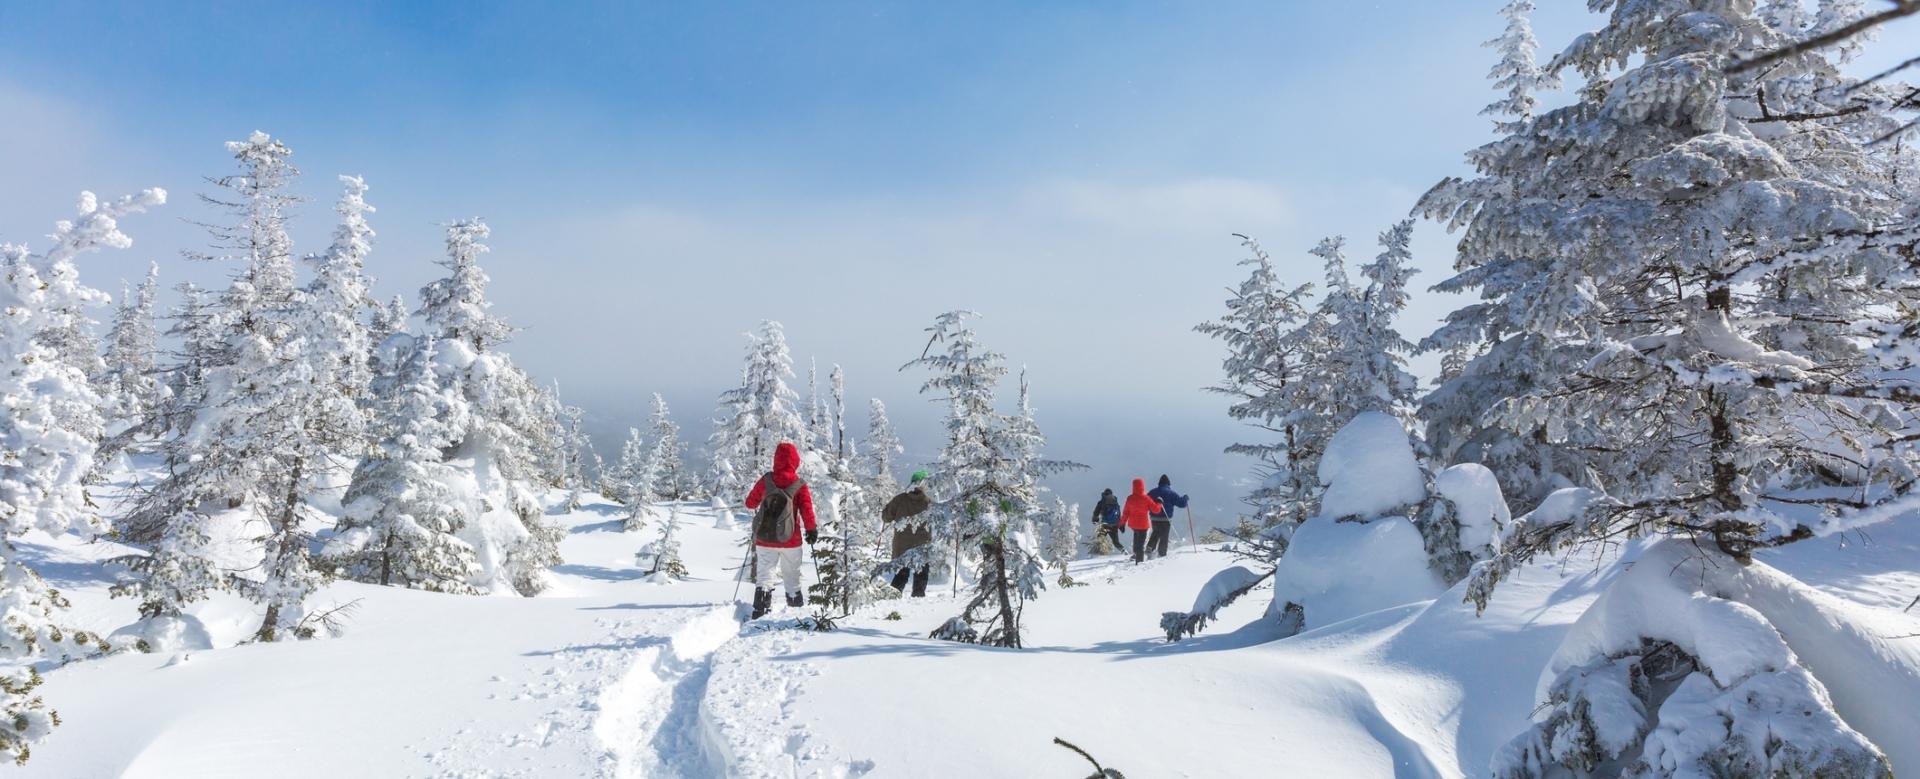 Voyage à la neige : Sur la piste des trappeurs